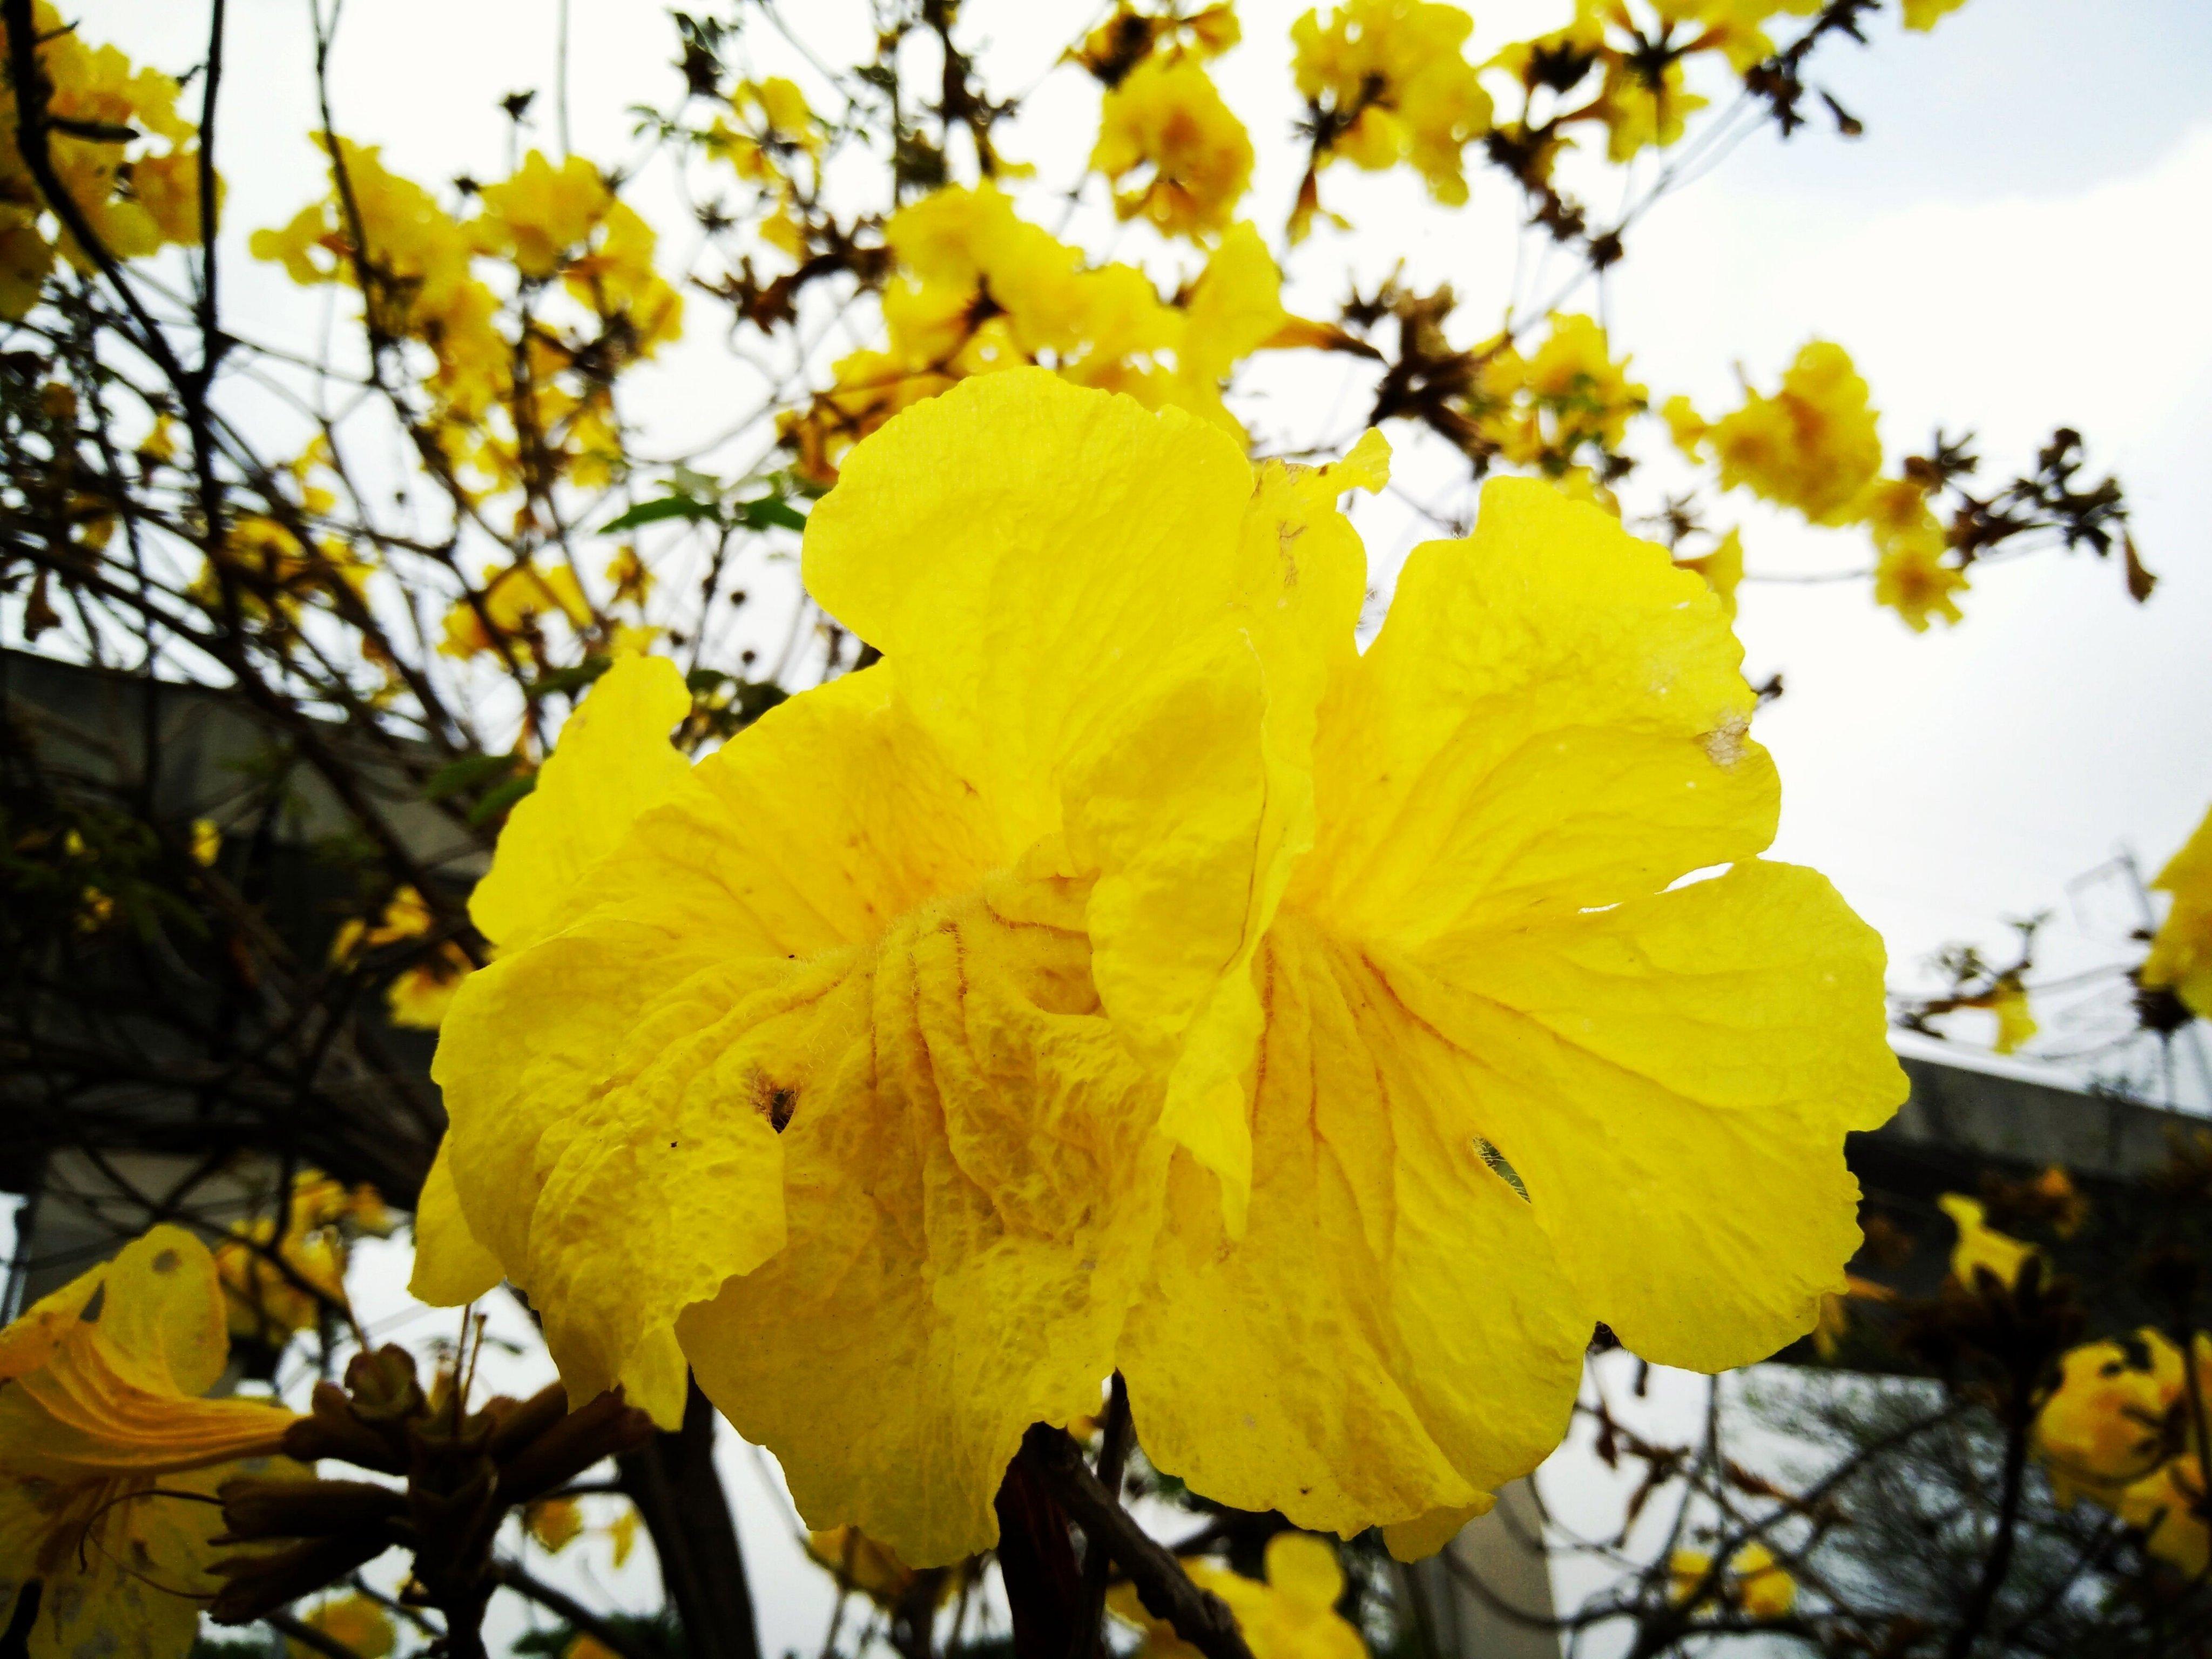 元茂園藝中壢高鐵南路園區 黃金風鈴木 小尺寸盆栽 北部地區可正常開花的品種,本商品可宅配